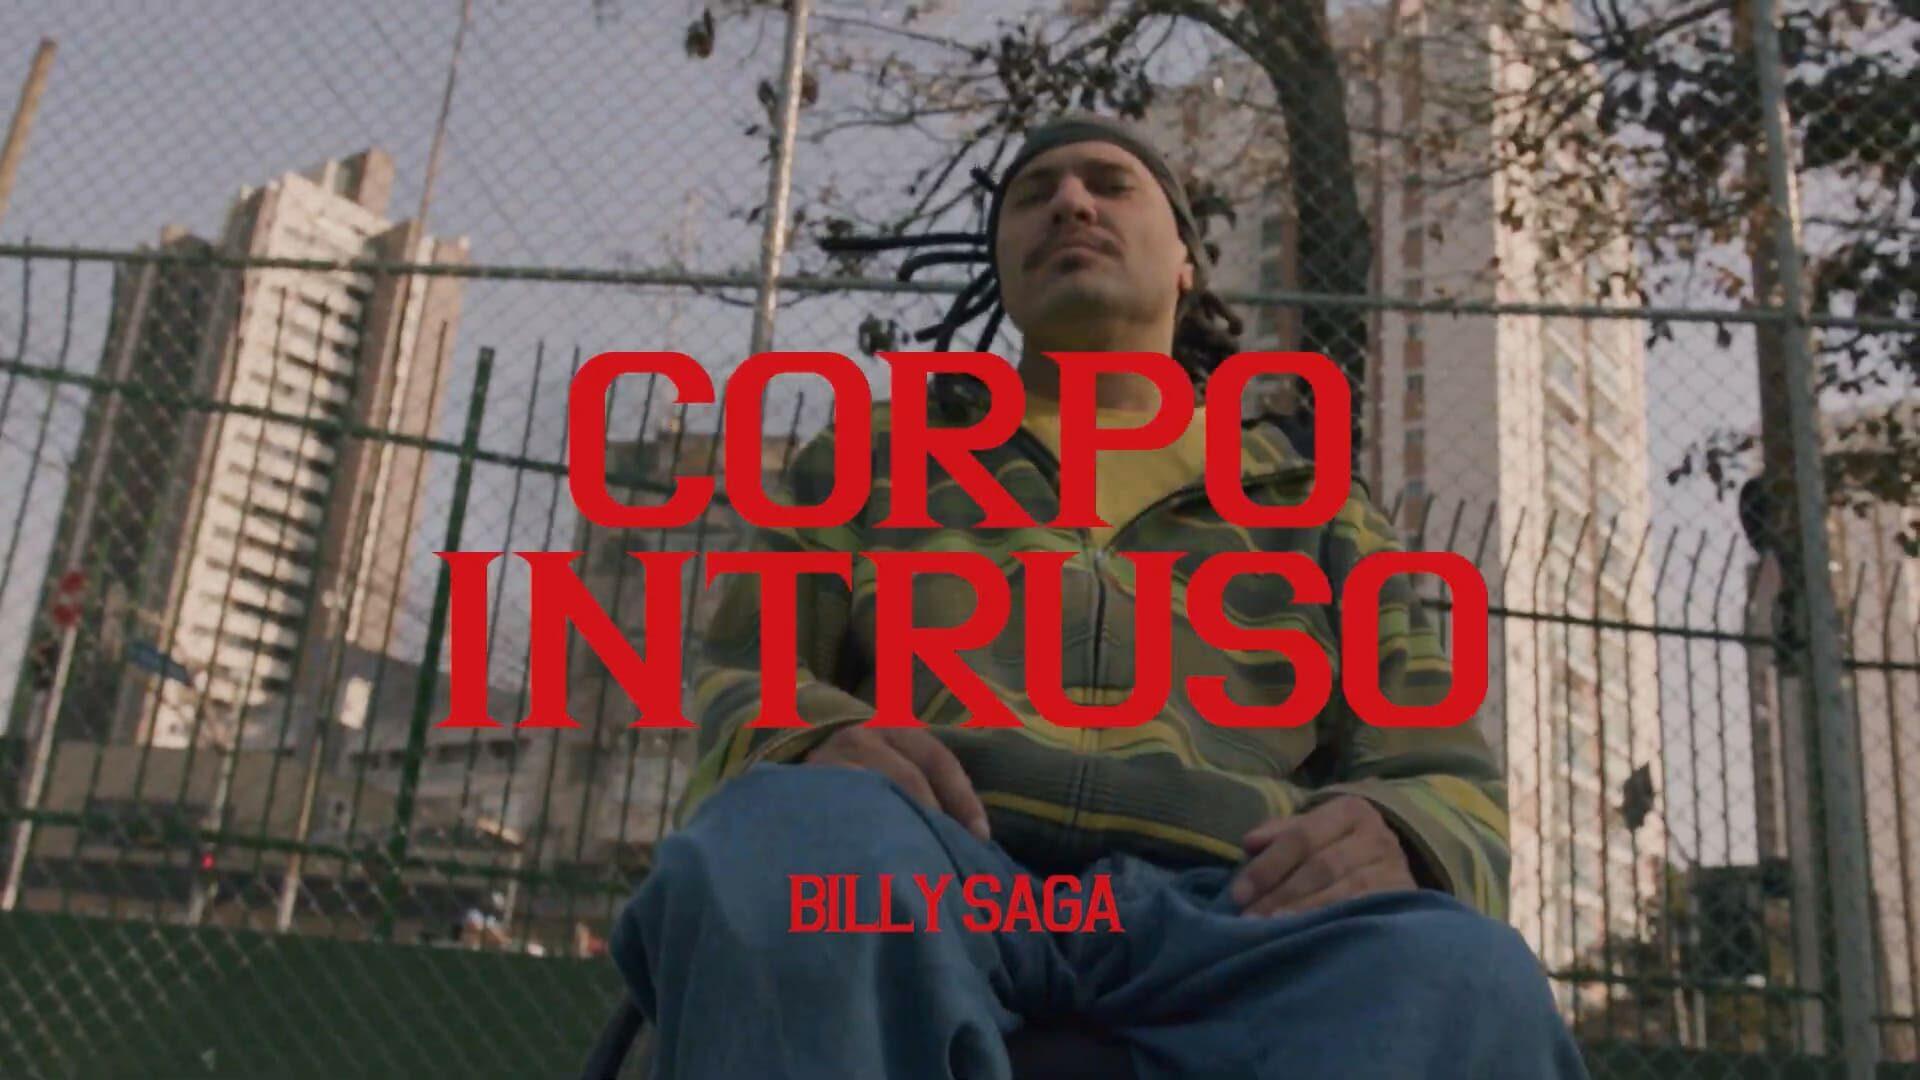 """Imagem do clipe com o rapper cadeirante e o texto: """"Corpo Intruso. Billy Saga""""."""